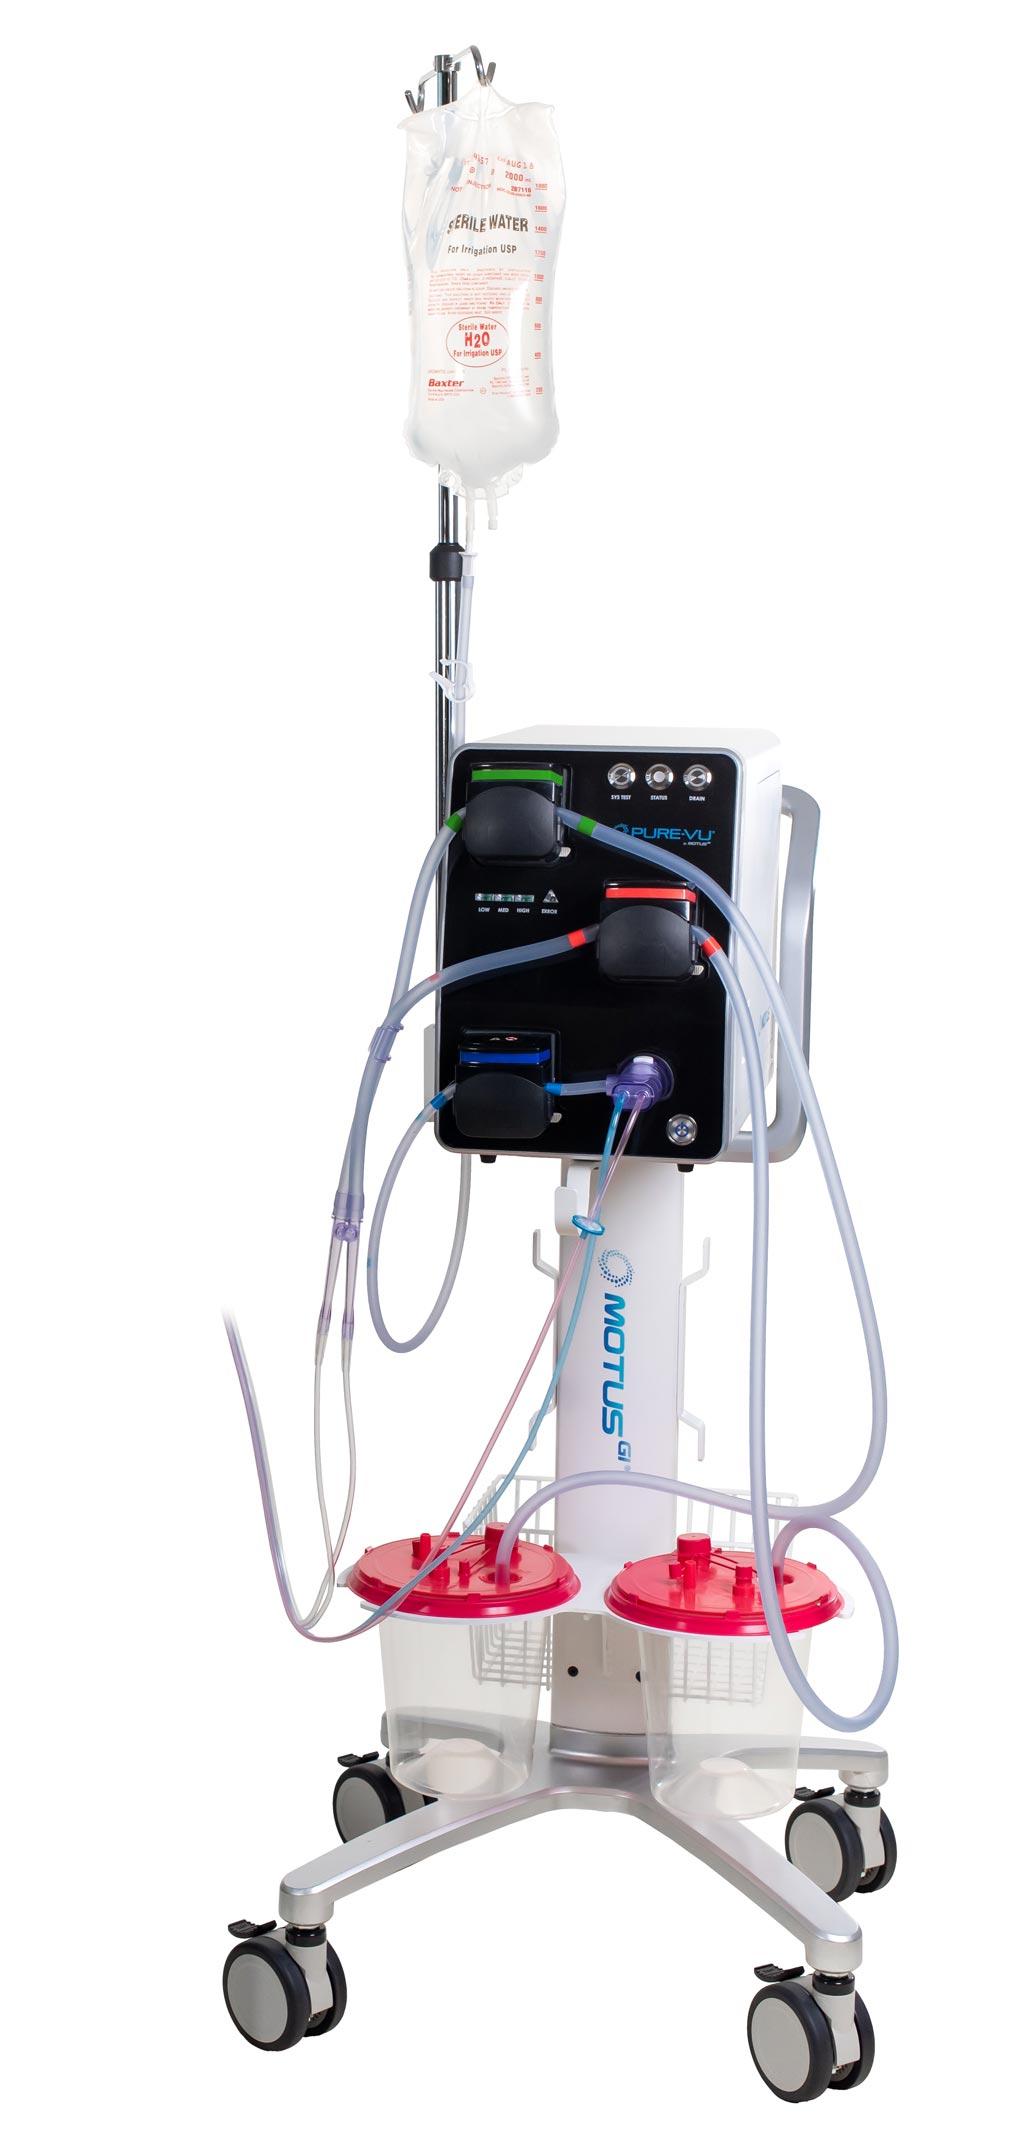 Система очищения толстой кишки Pure-Vu GEN2 (фото любезно предоставлено Motus GI).